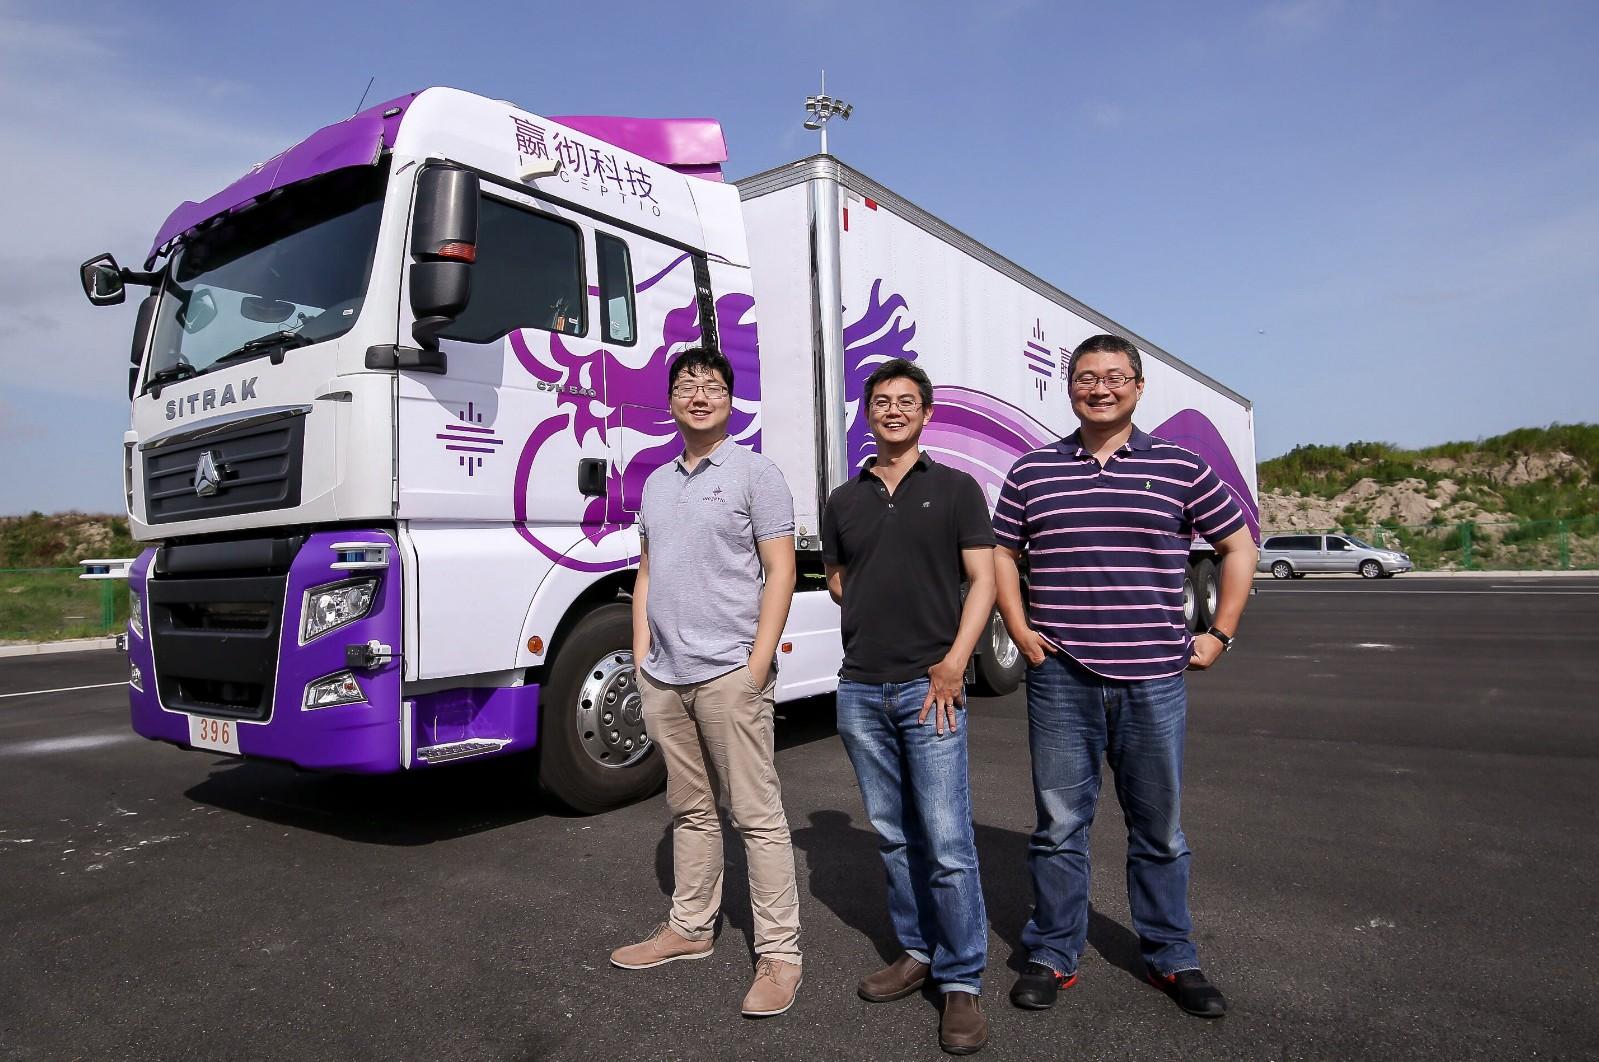 赢彻硅谷自动驾驶团队部分领导